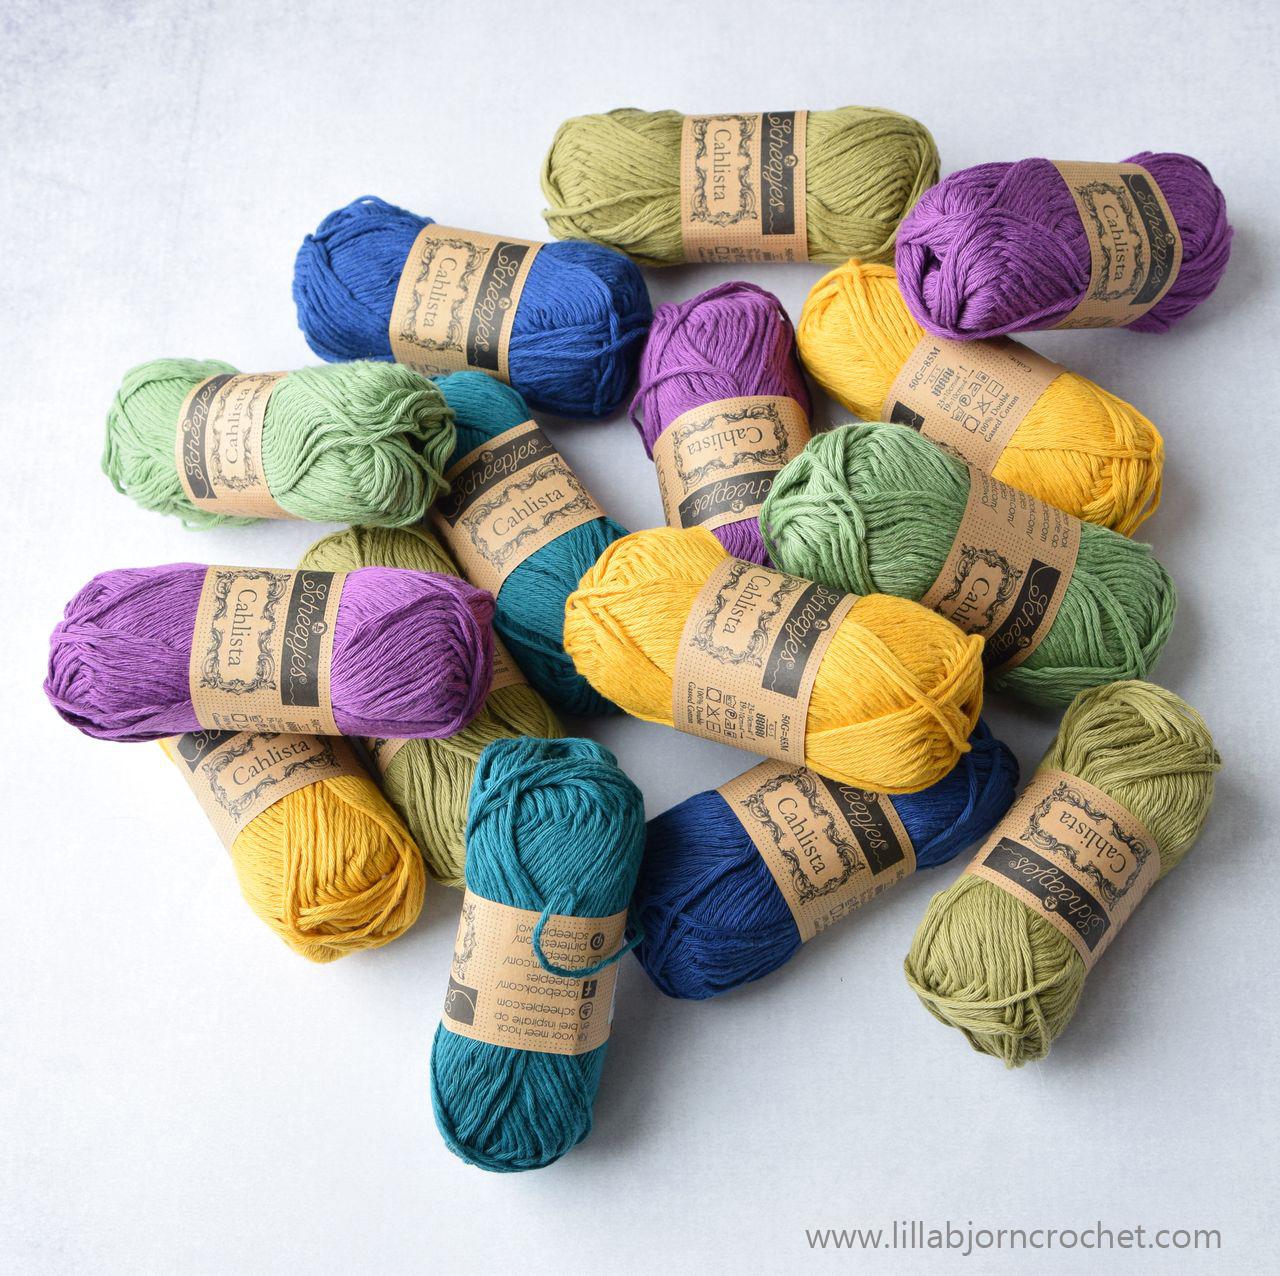 Cahlista yarn by Scheepjes - review - www.lillabjorncrochet.com